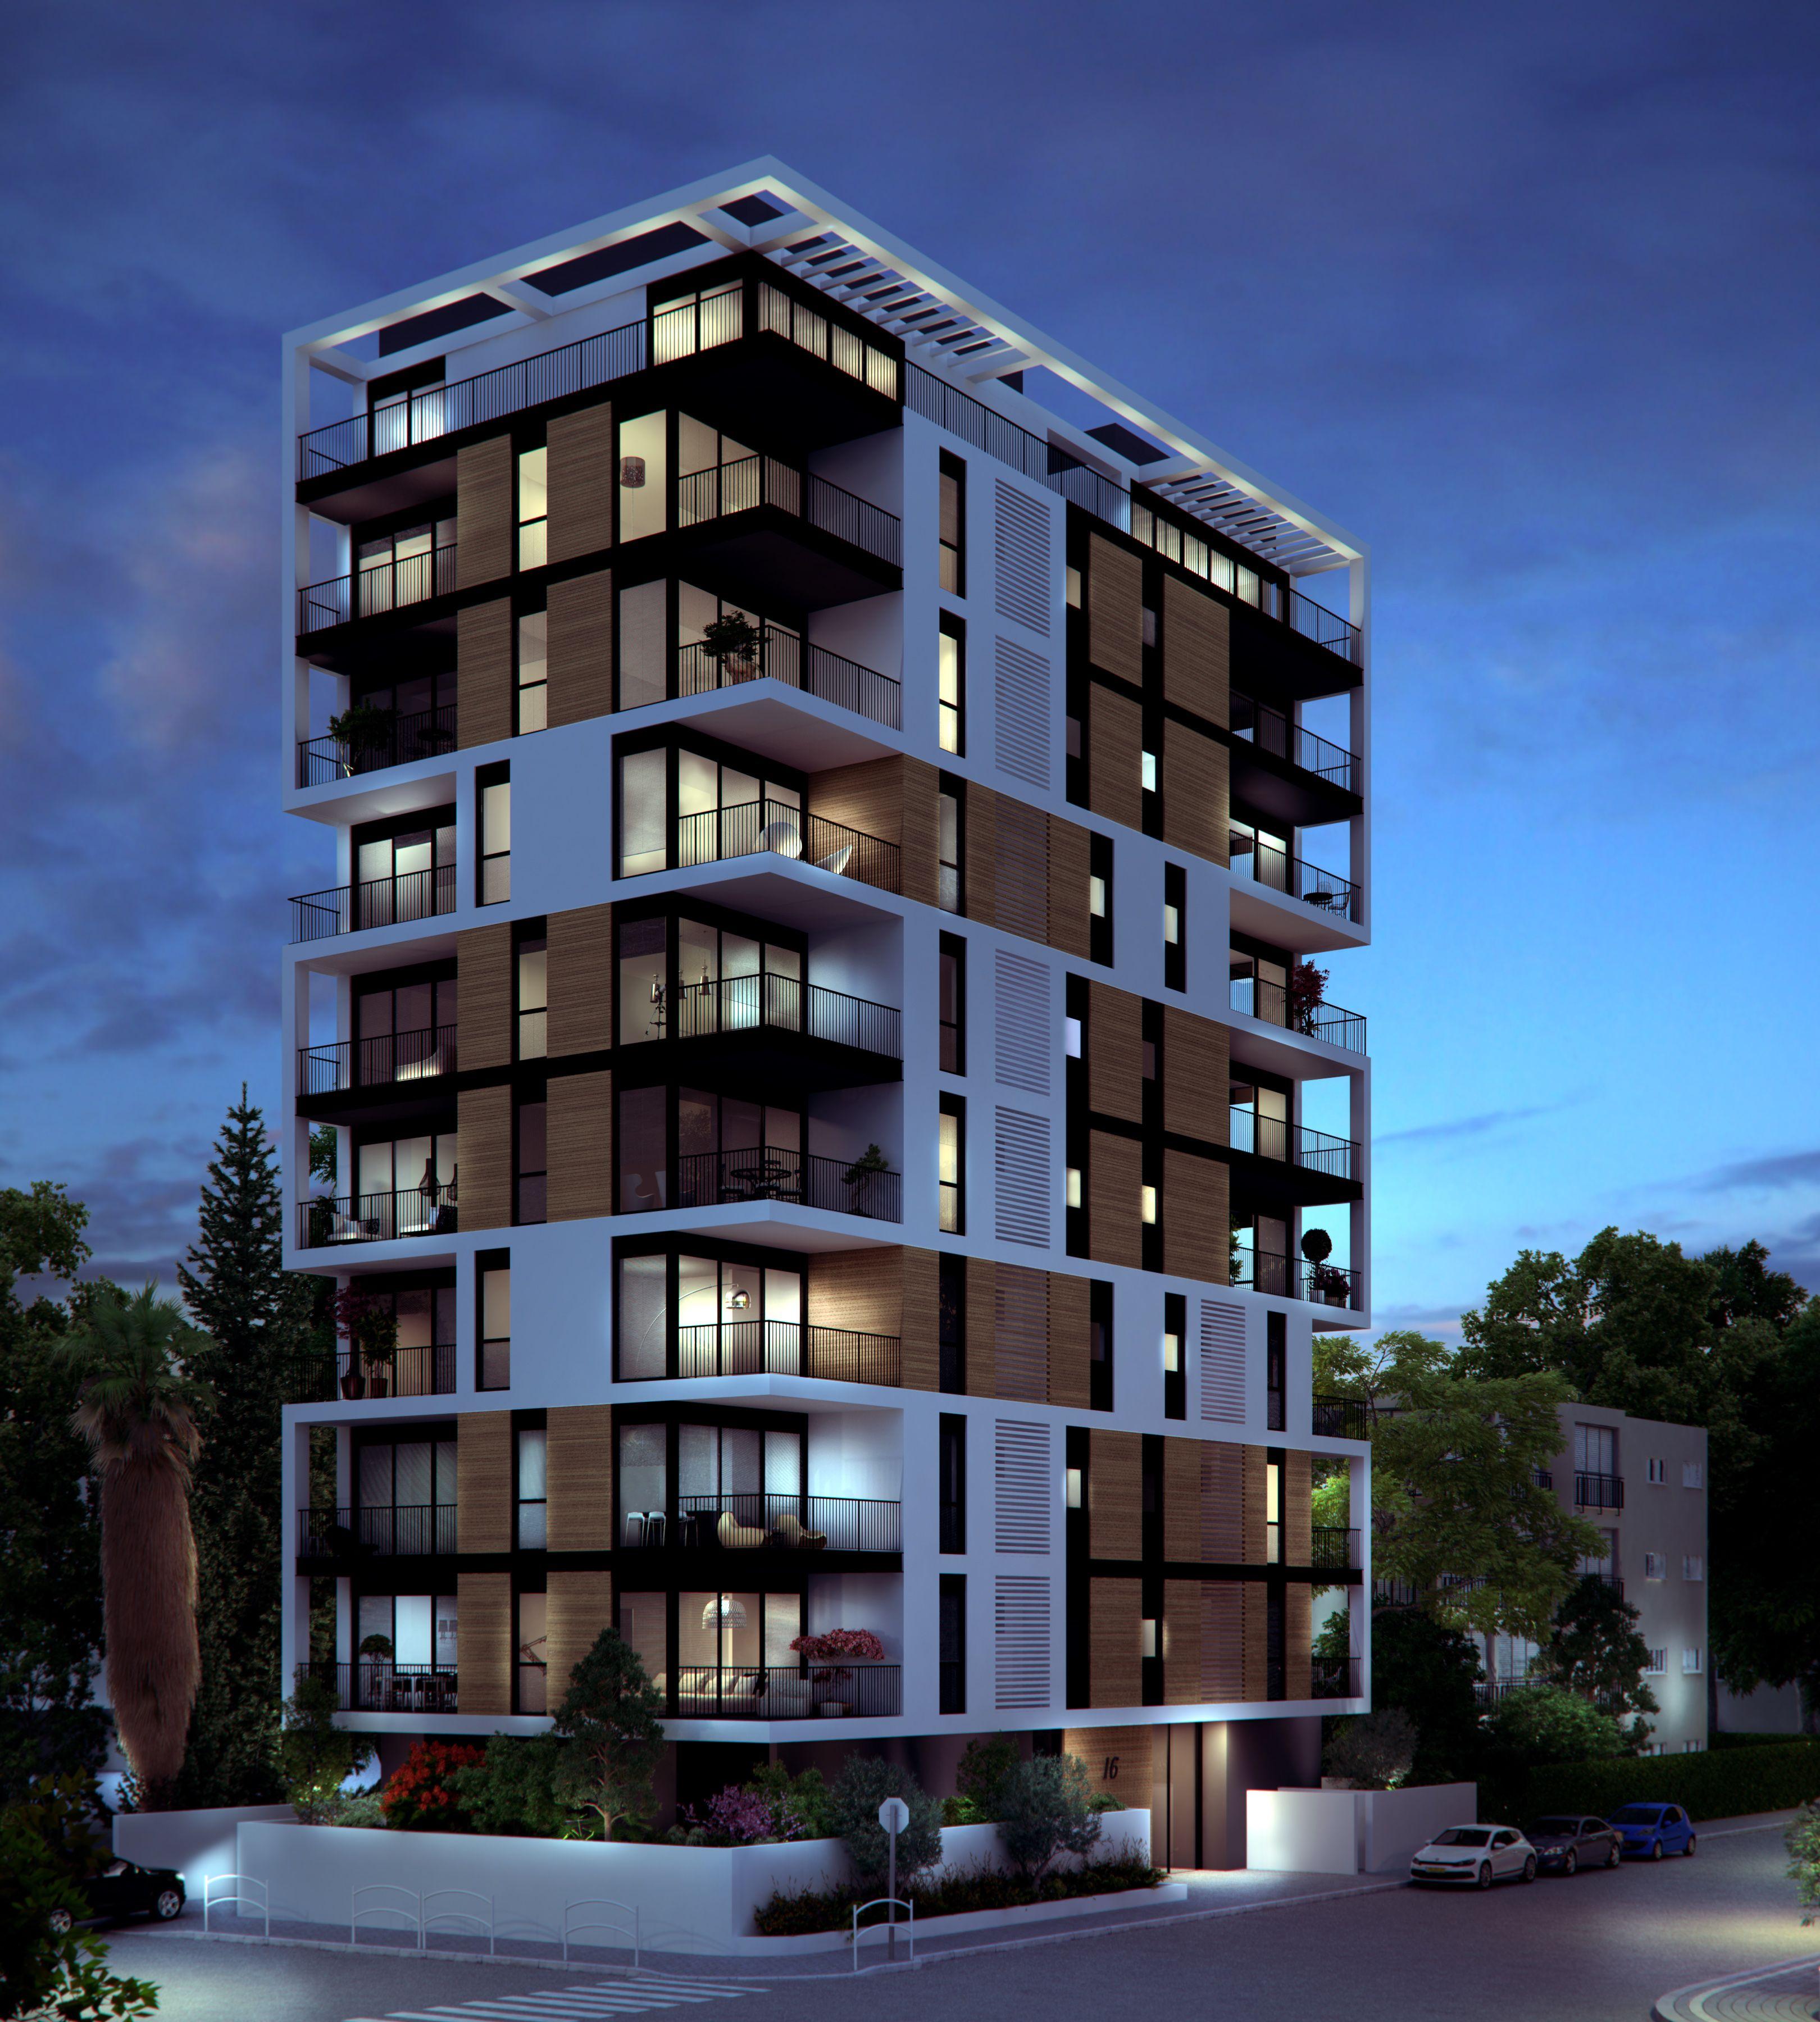 Красивые фасады многоэтажных домов фото макгрегор продолжает